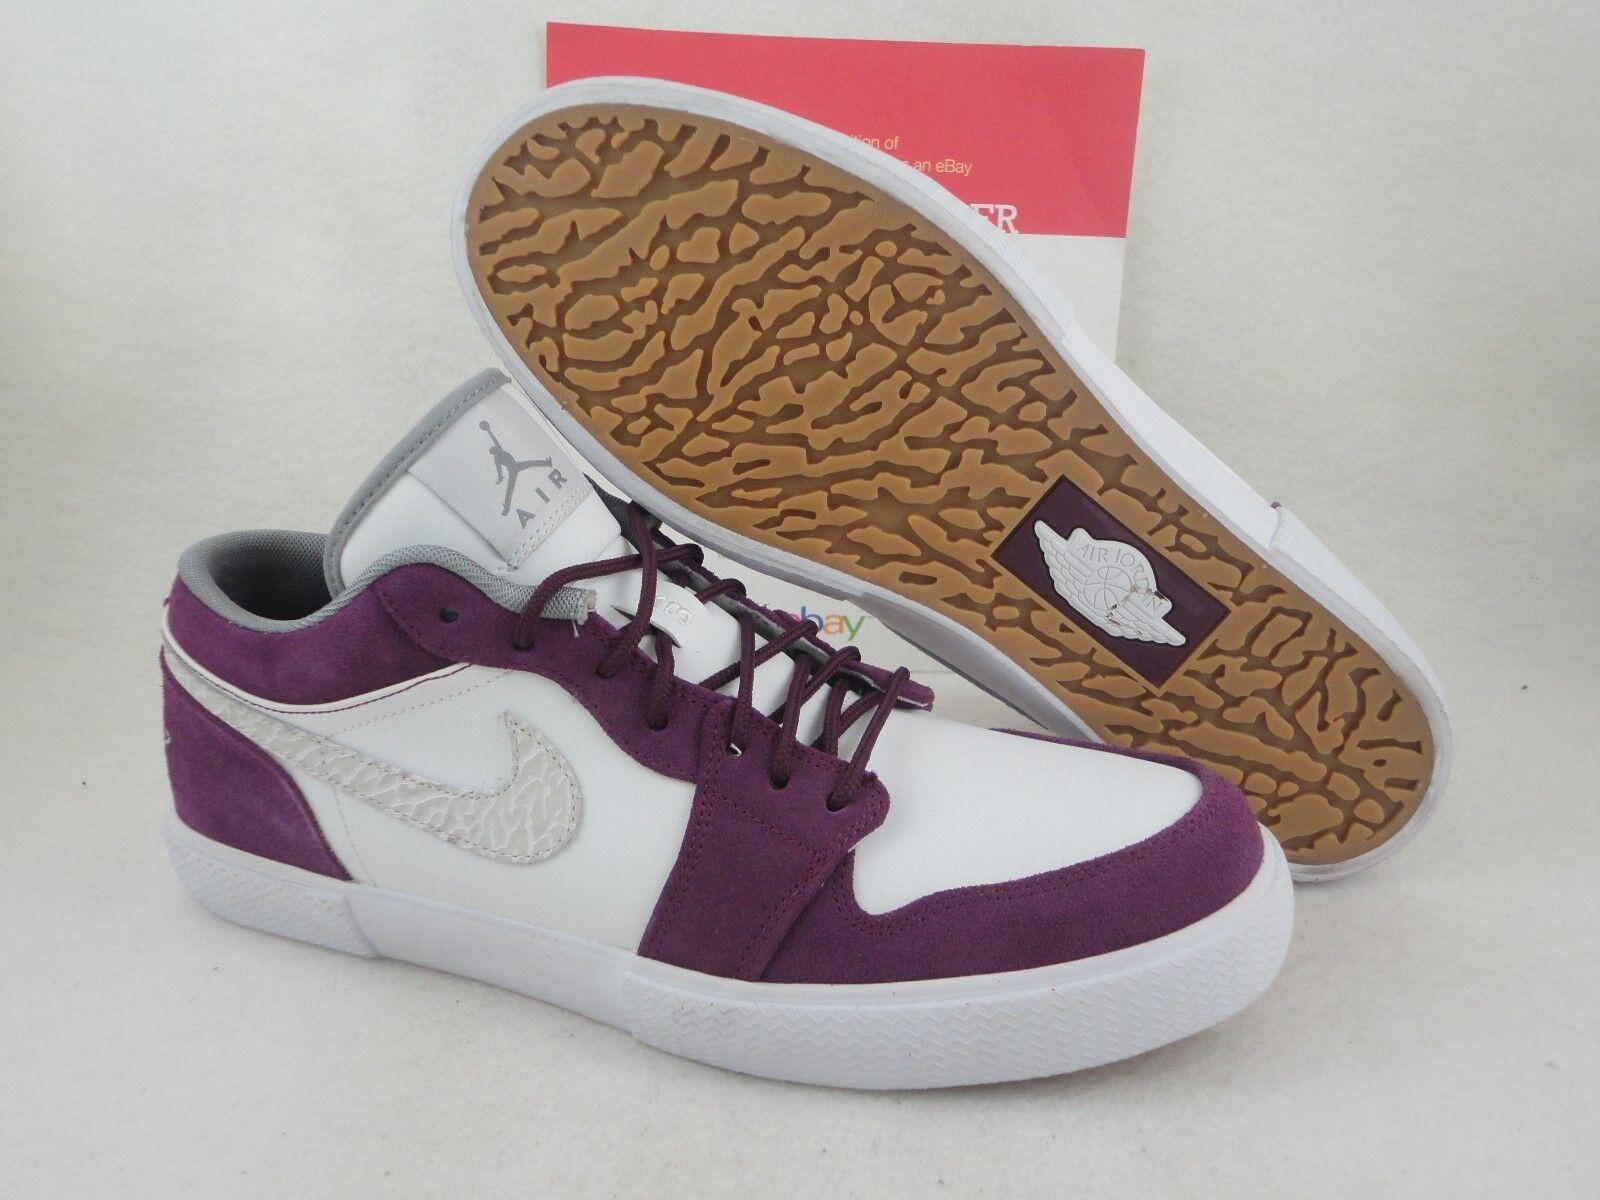 Nike Air Jordan Retro V.1, 2012 DS, White   Bordeaux, Leather Suede Gum, Sz 11.5